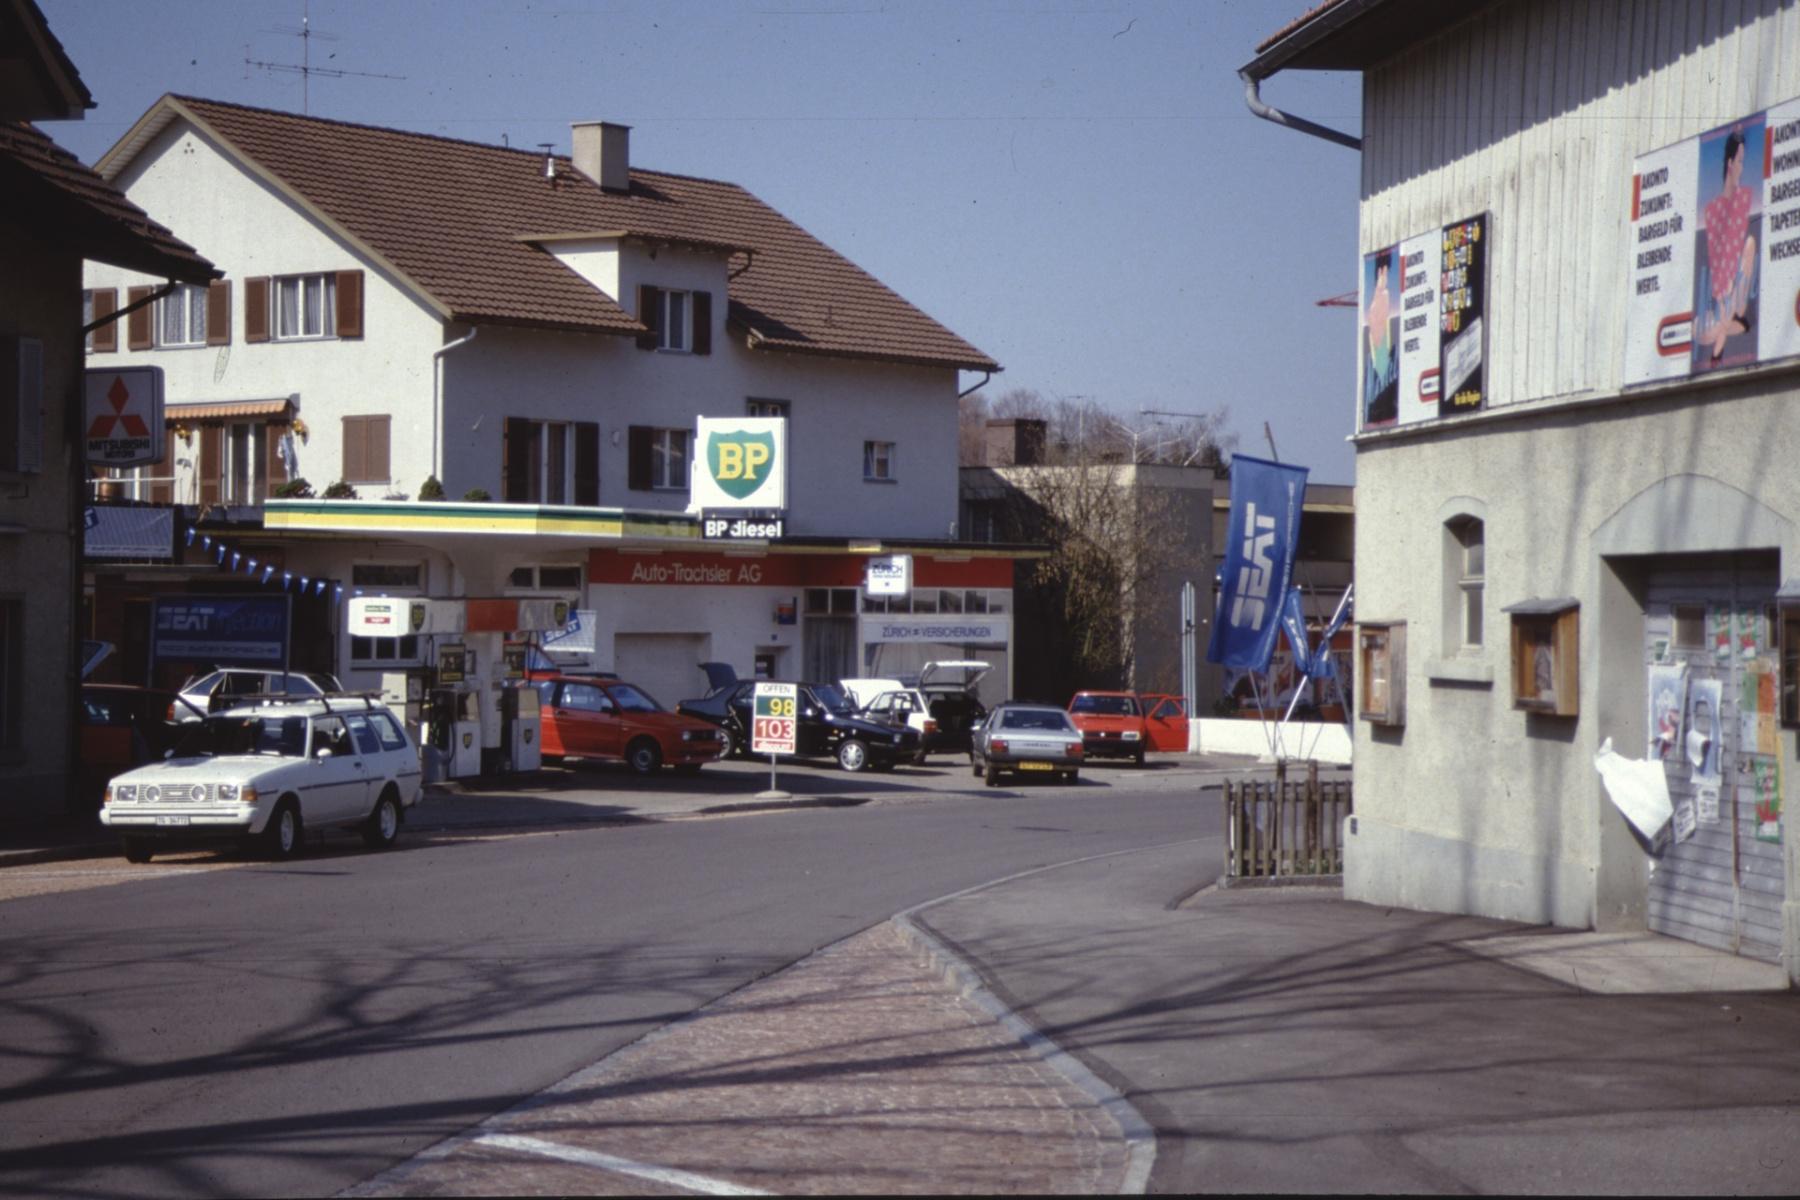 Bahnhofstrasse Grage Trachsler + Coop